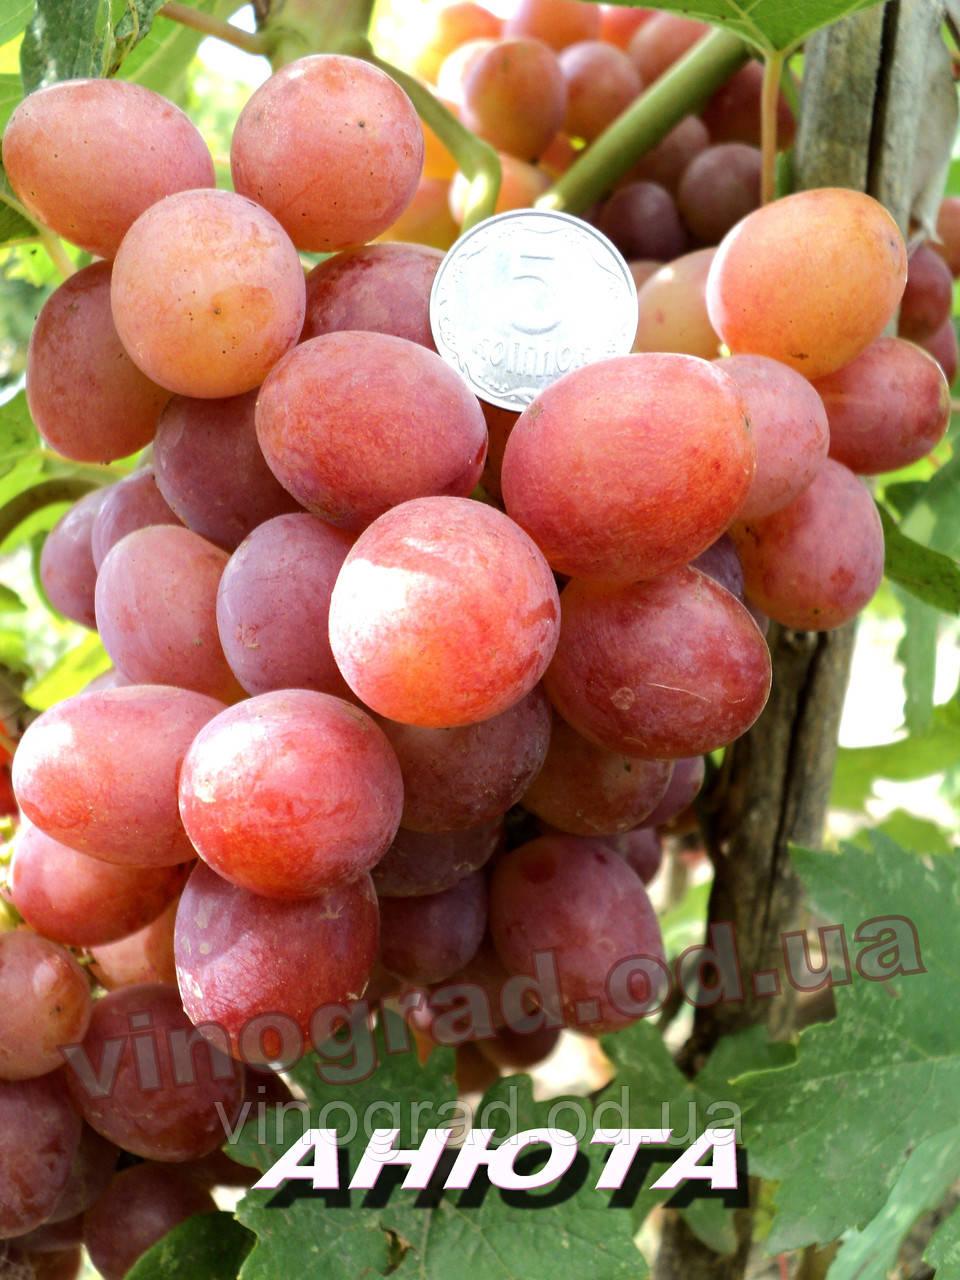 Саджанці винограду середньо-пізнього терміну дозрівання сорти Анюта